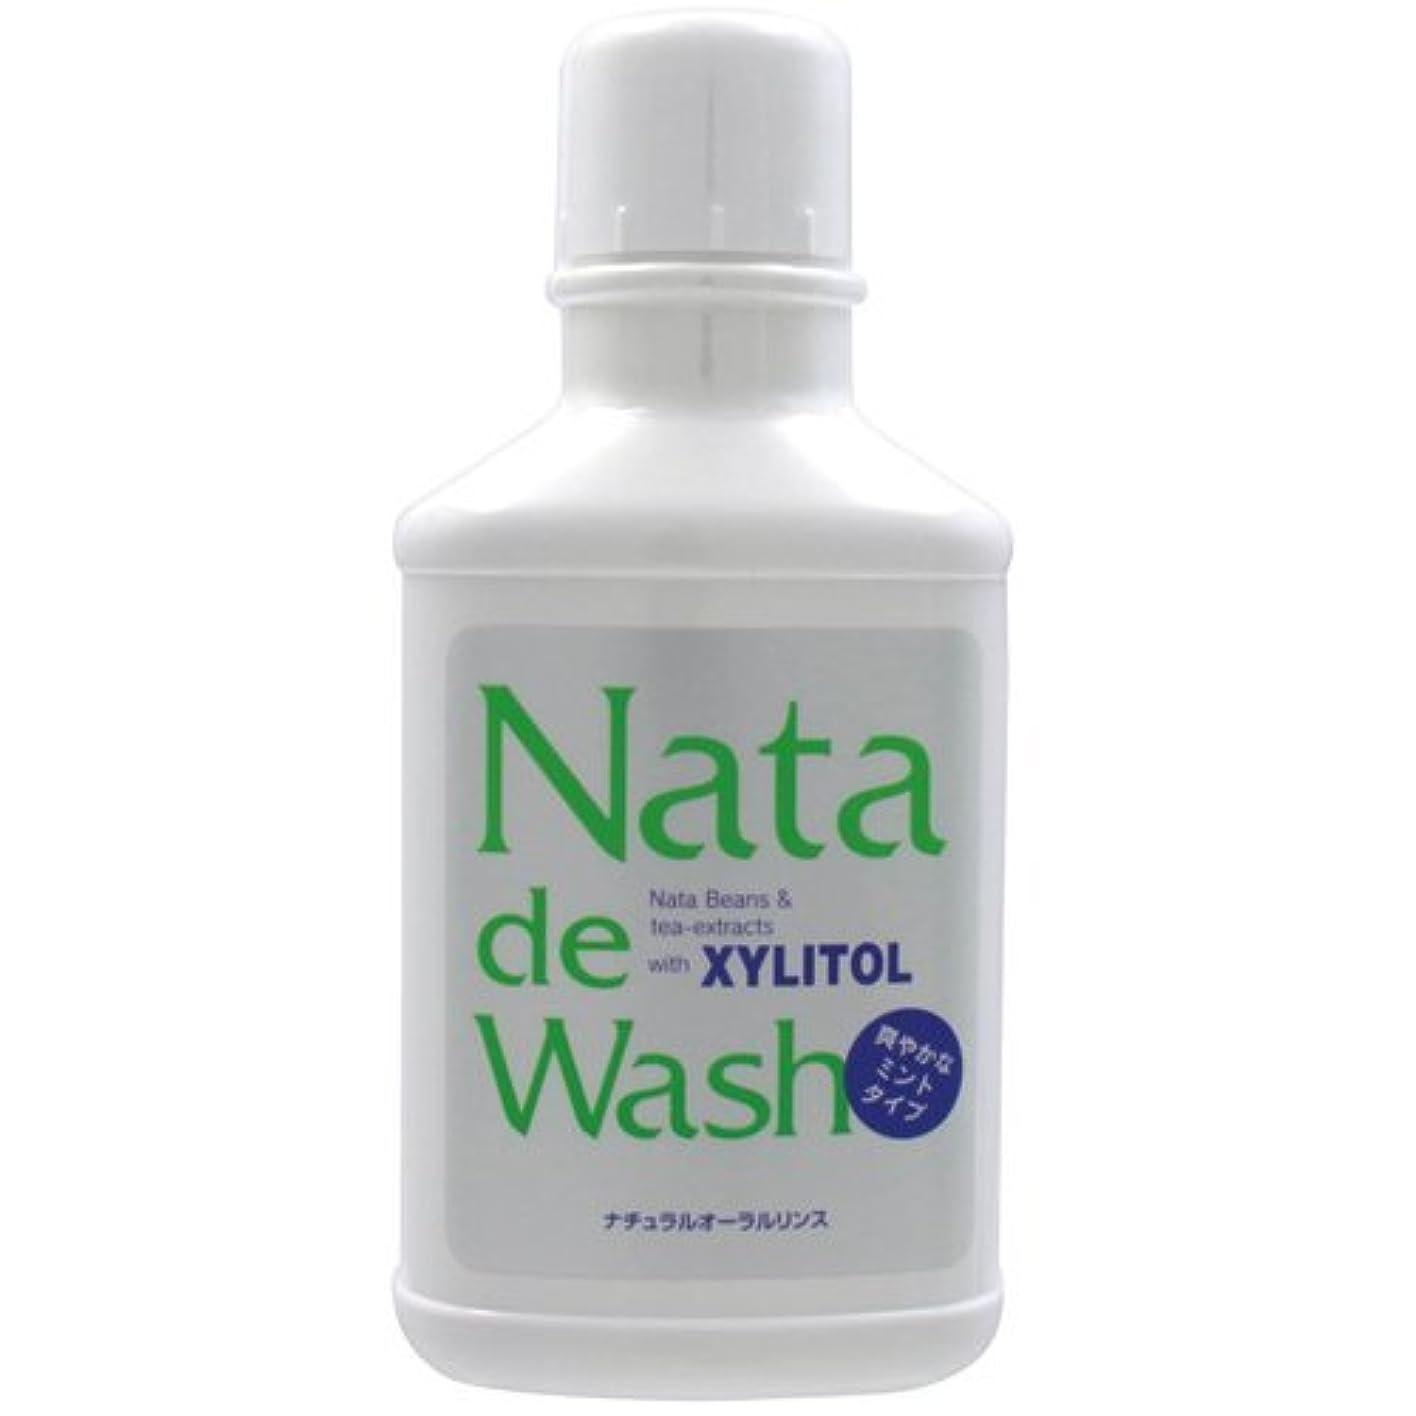 オデュッセウスグリルベイビーナタデウォッシュ 500ml 口臭予防 歯磨きの後にお勧め ナタデ ウォッシュ